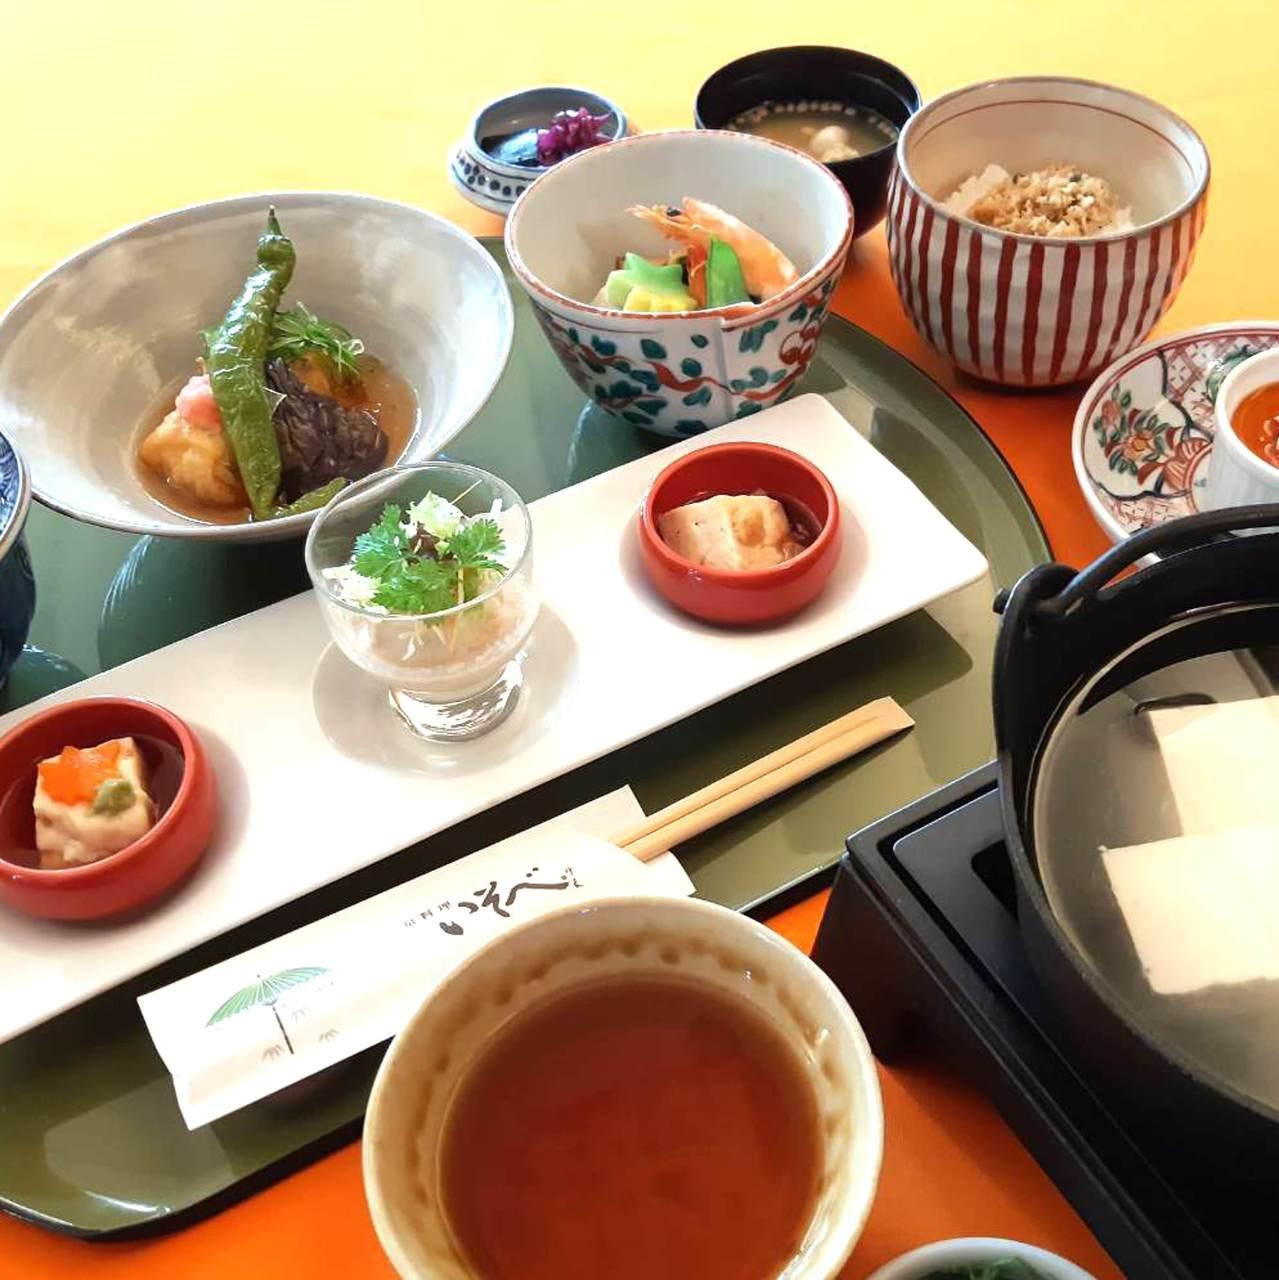 """1人鍋の湯豆腐でほっこり温まる・湯葉料理もデザートも楽しめる""""湯どうふ膳""""全8品"""